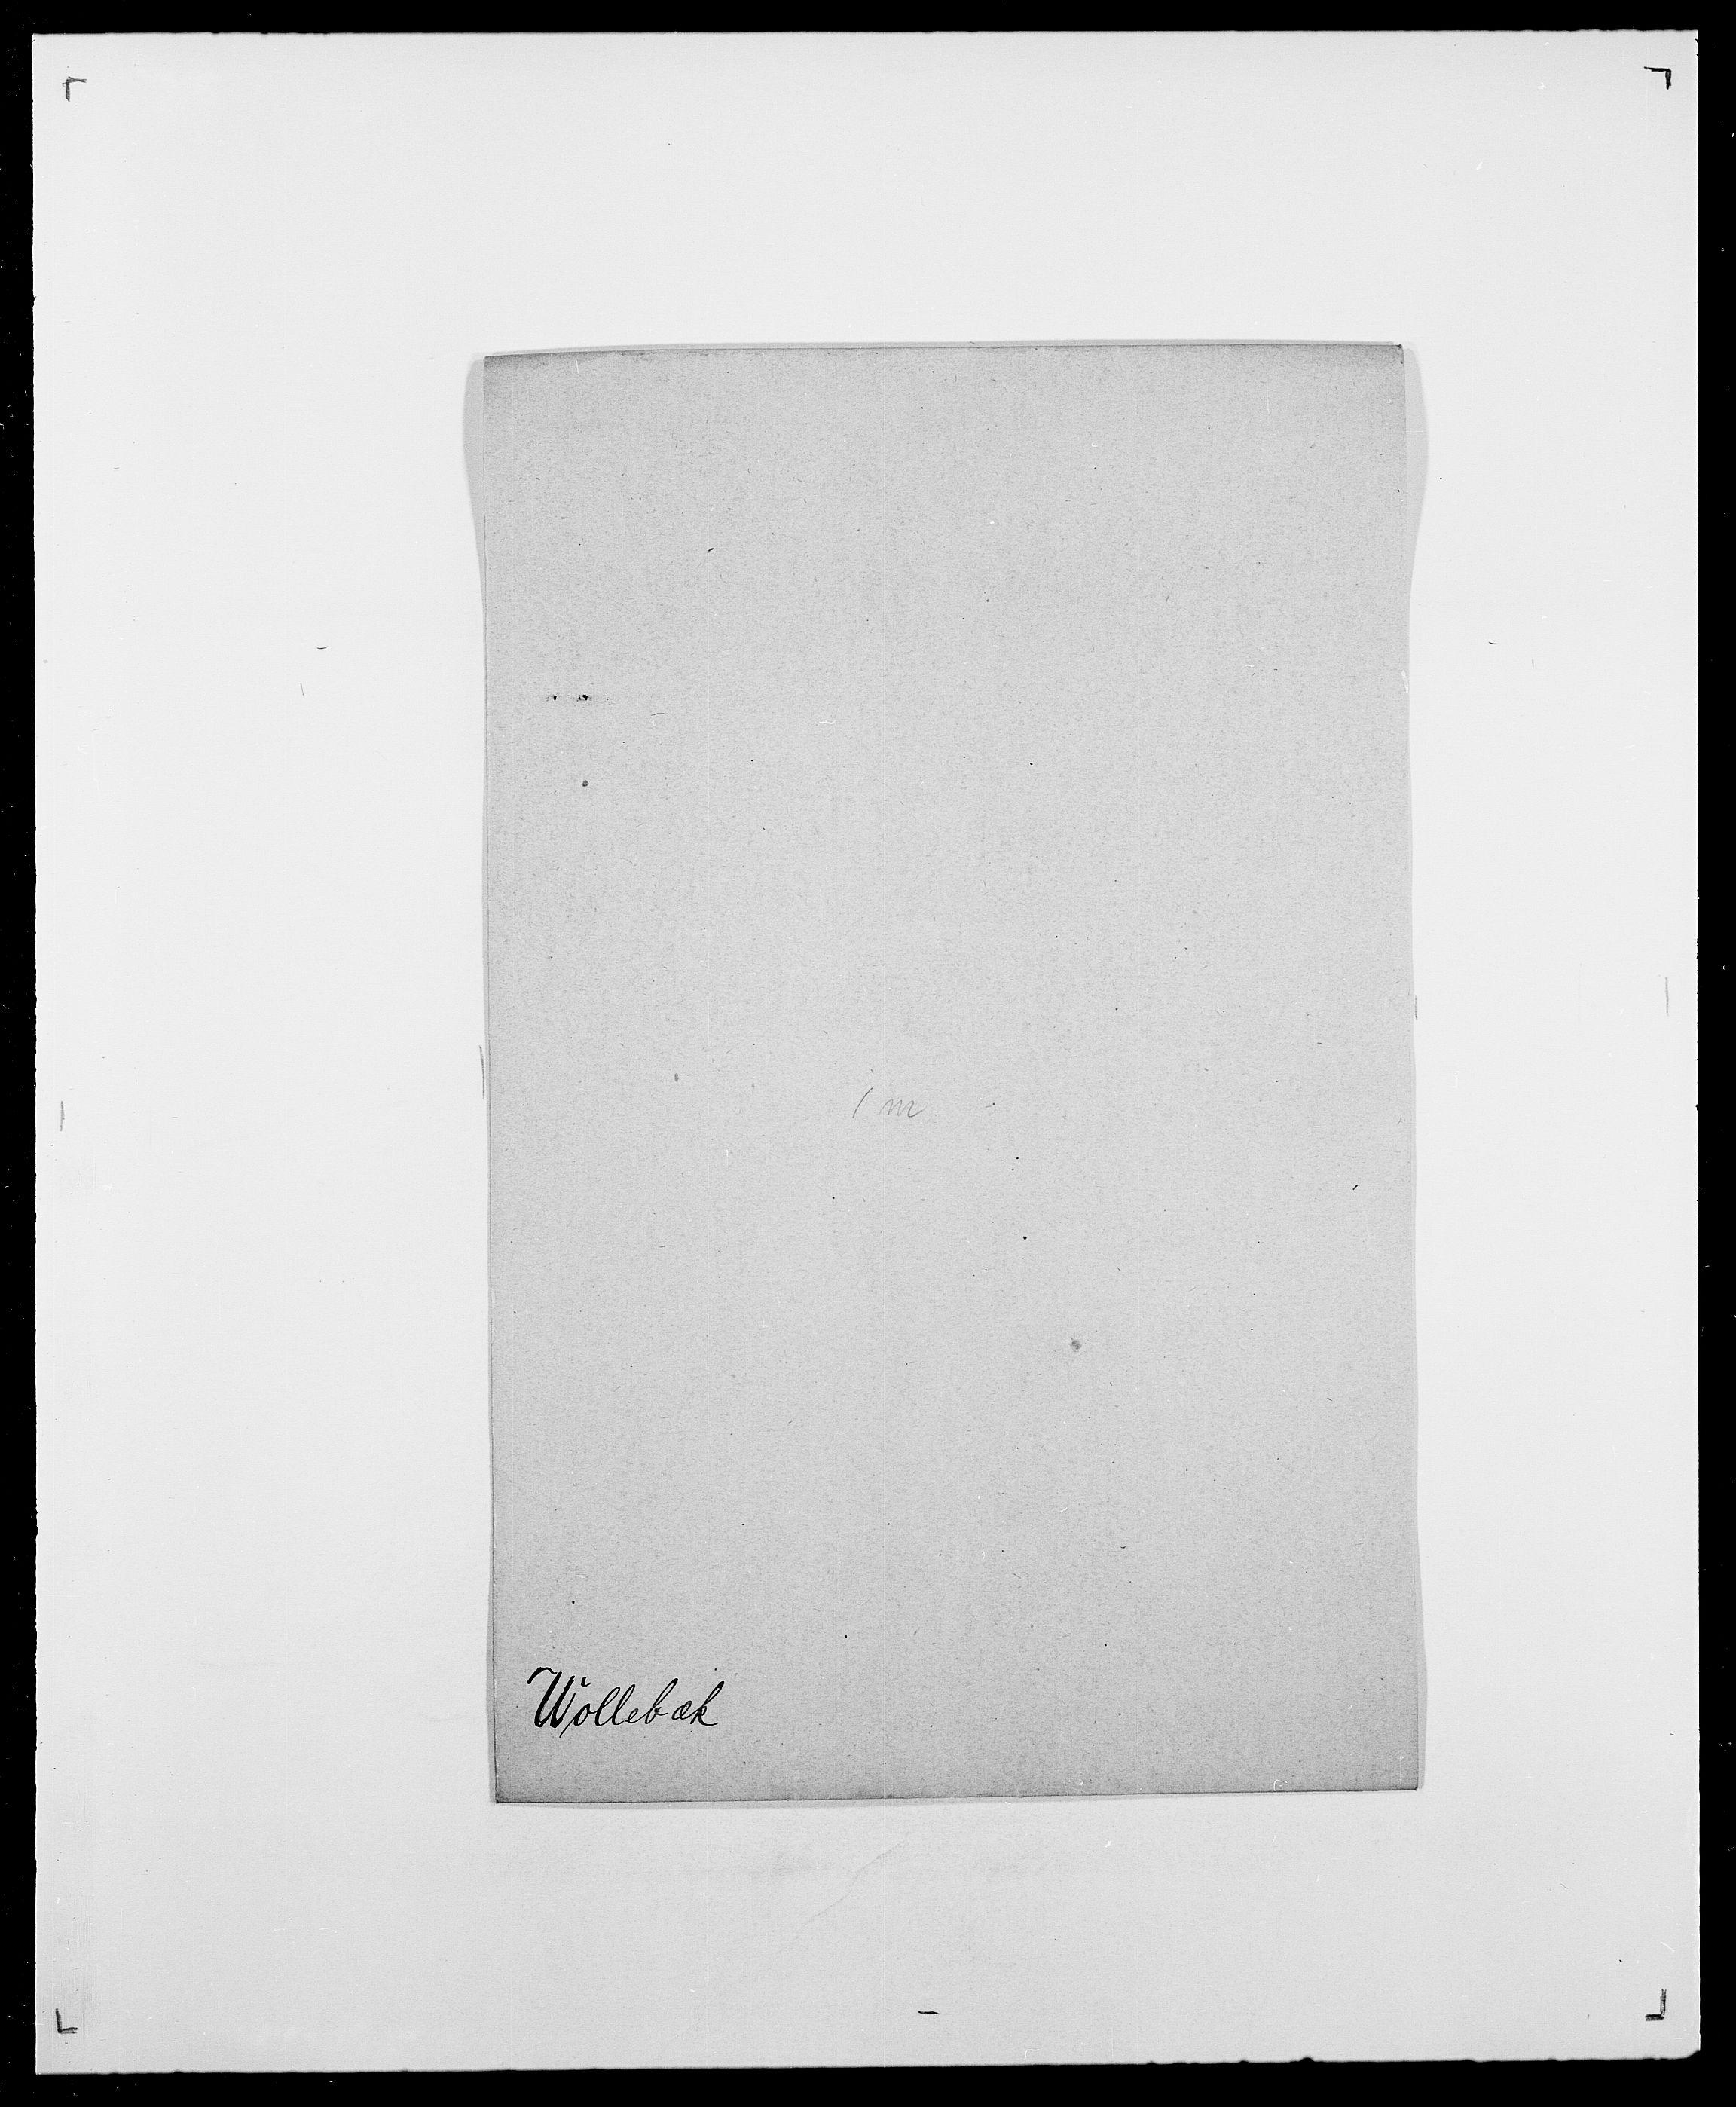 SAO, Delgobe, Charles Antoine - samling, D/Da/L0042: Vilain - Wulf, Wulff, se også Wolf, s. 659